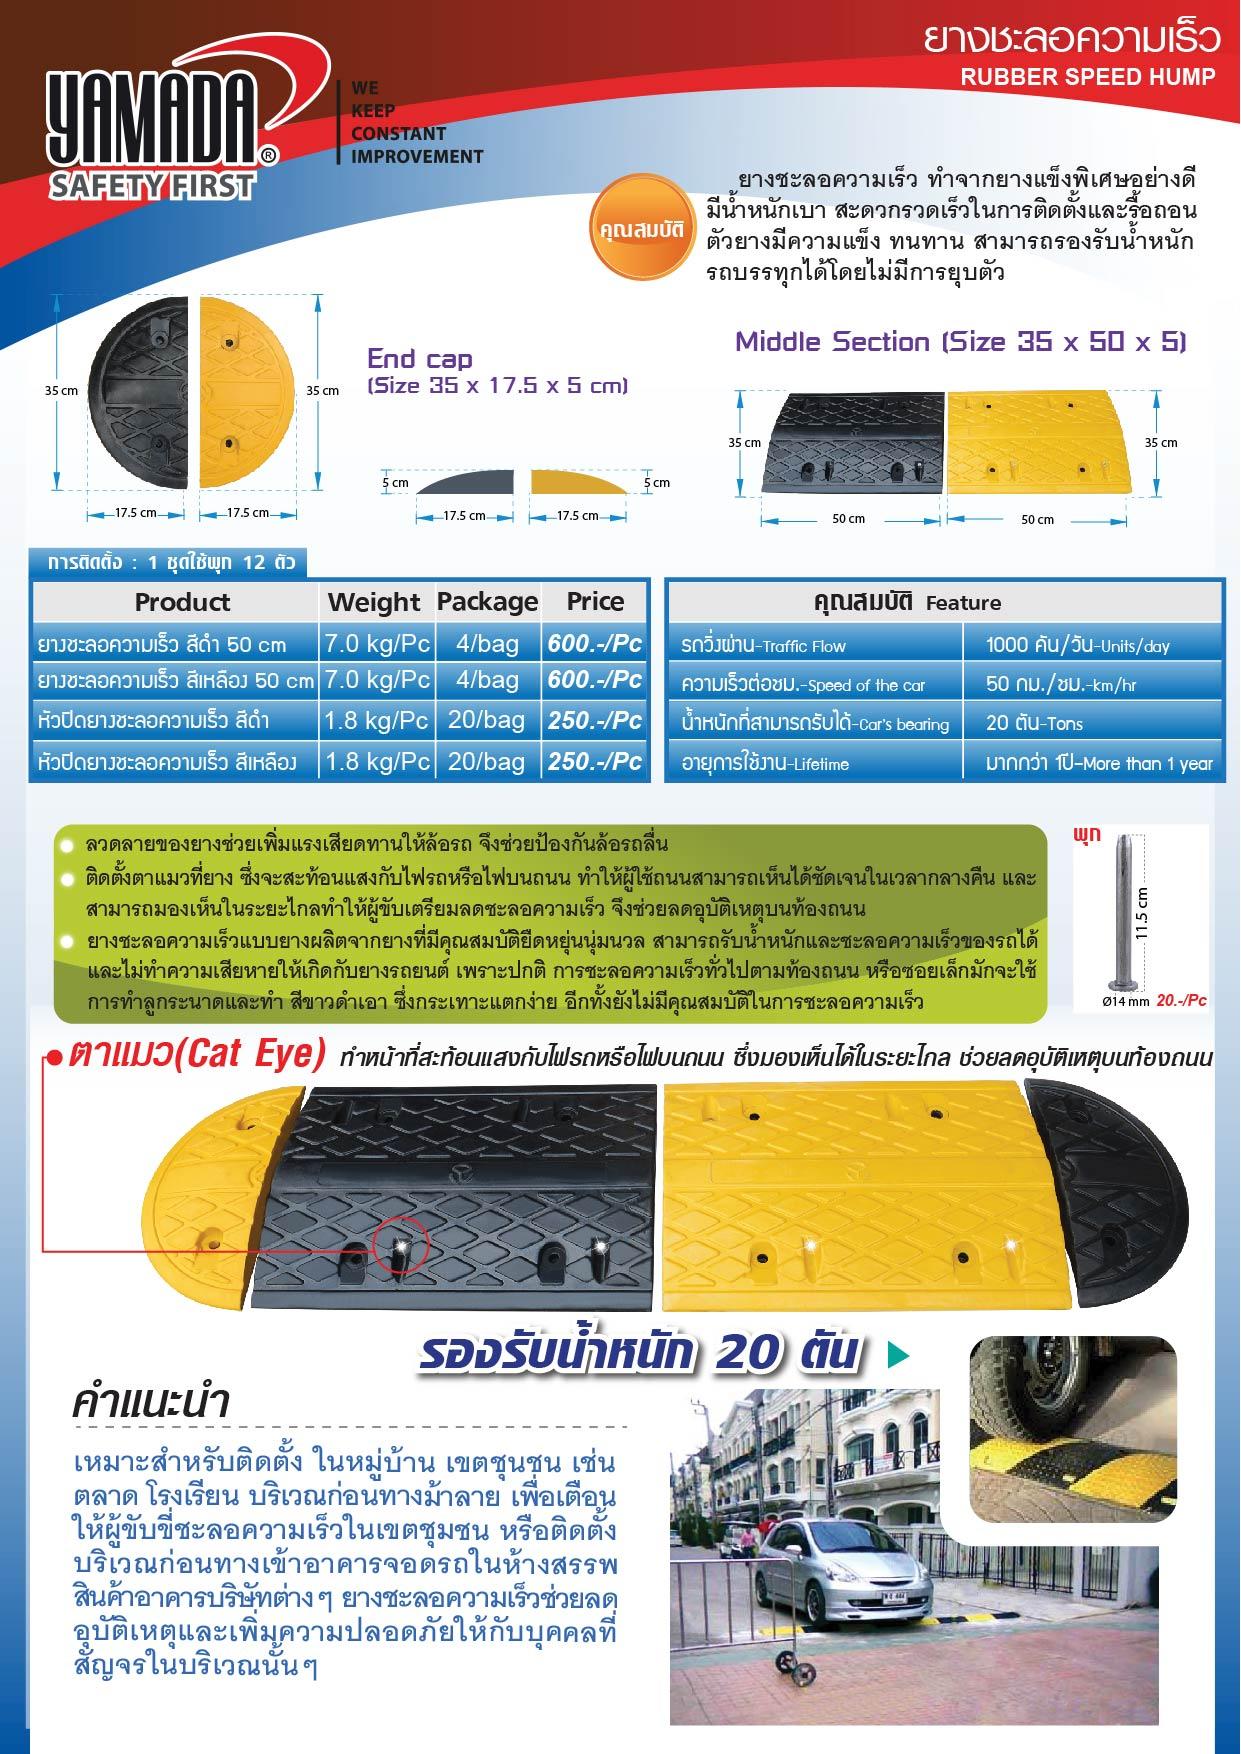 (2/8) ยางชะลอความเร็ว - Rubber Speed Bump